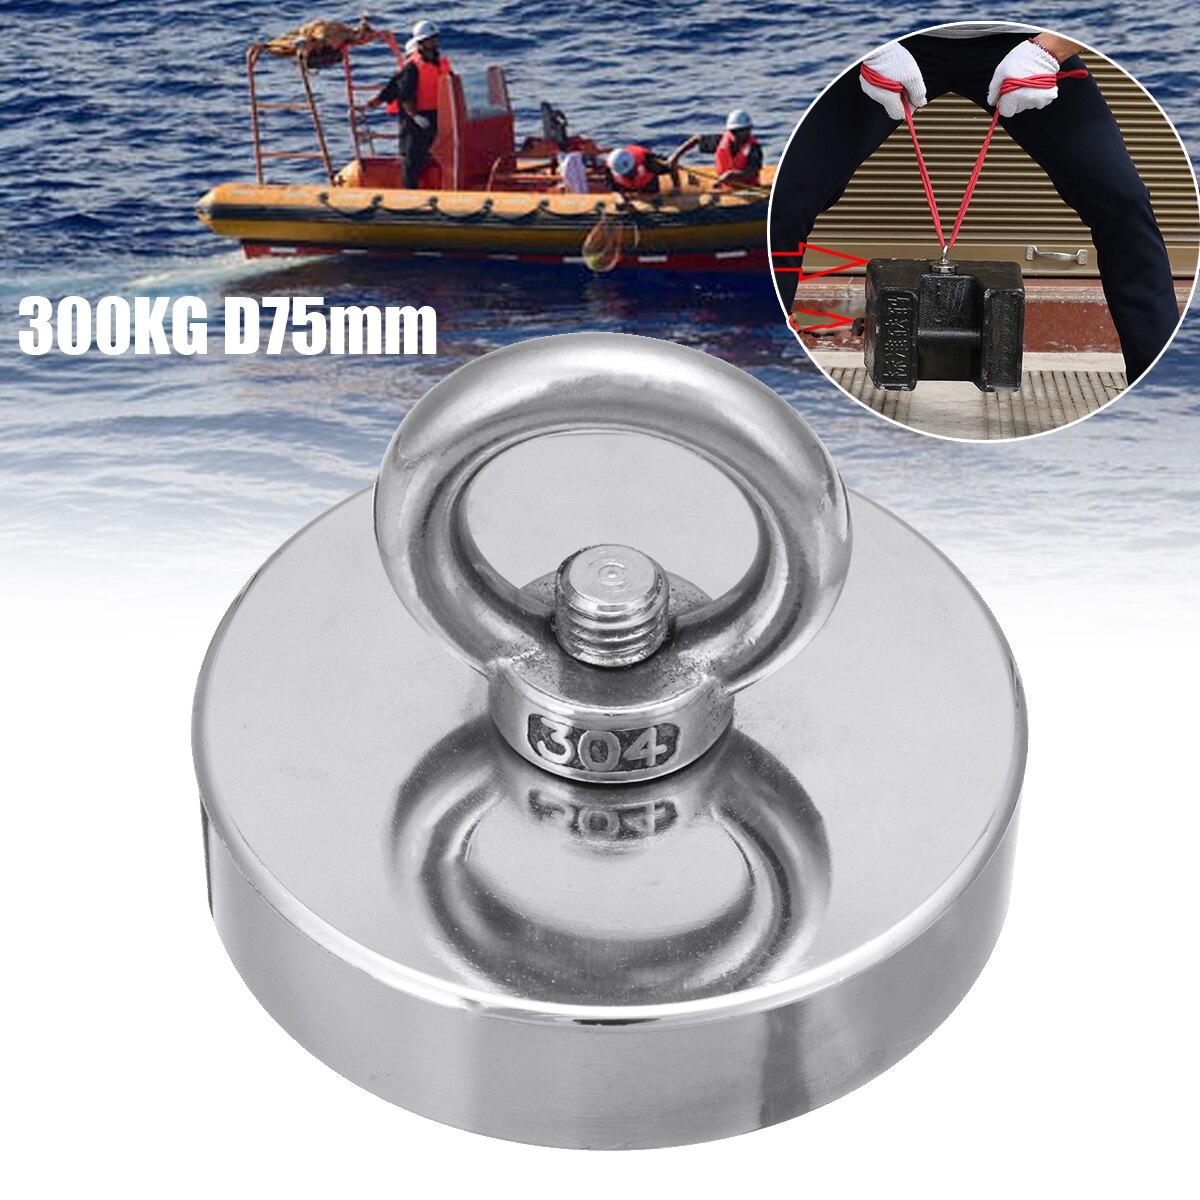 300 KG D75mm Salvage Neodym Magnet Angeln Salvage Recovery Abrufen Magnet Super Leistungsstarke Loch Kreisförmigen Ring Haken